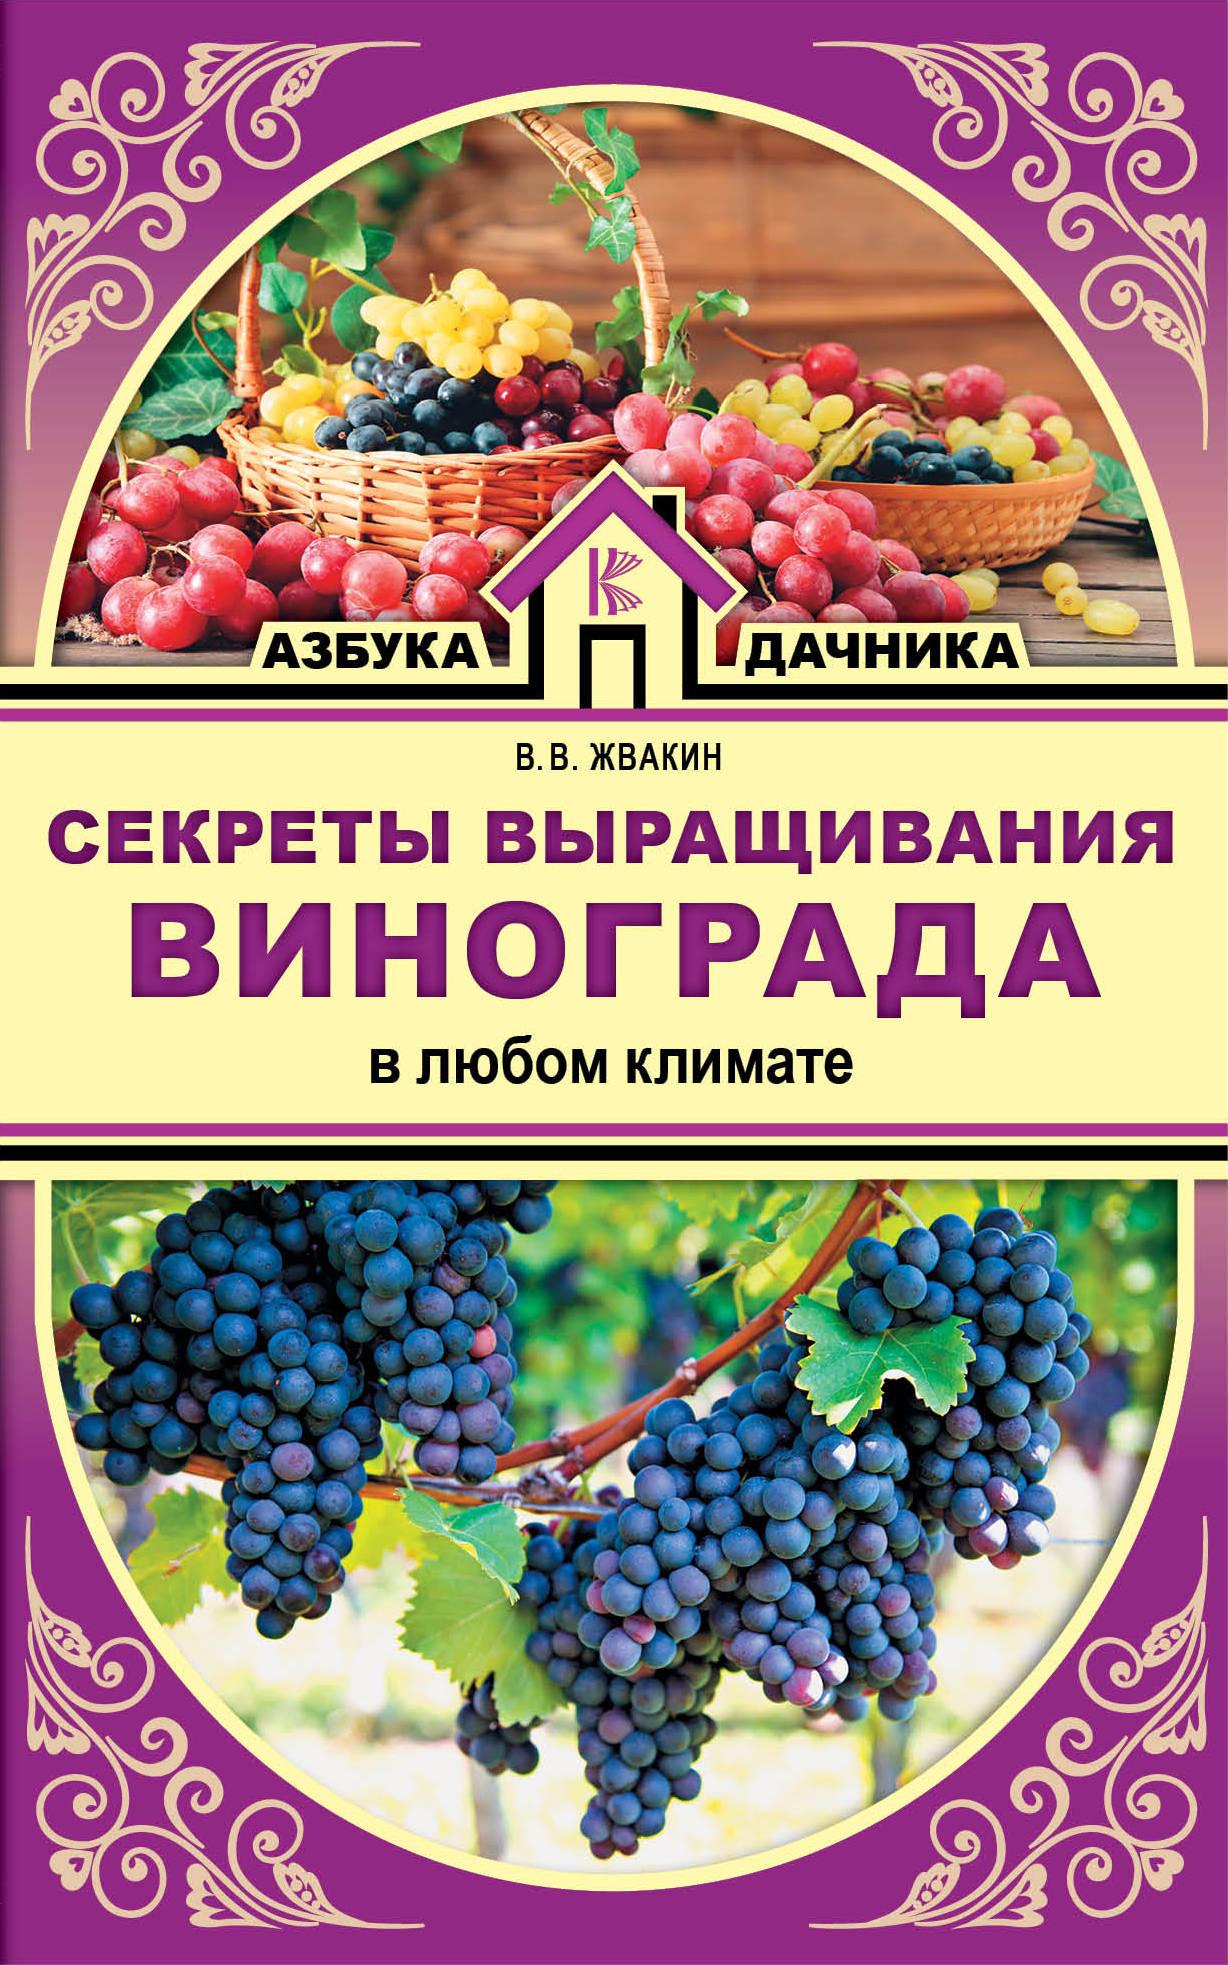 Секреты выращивания винограда в любом климате ( Жвакин В.В.  )